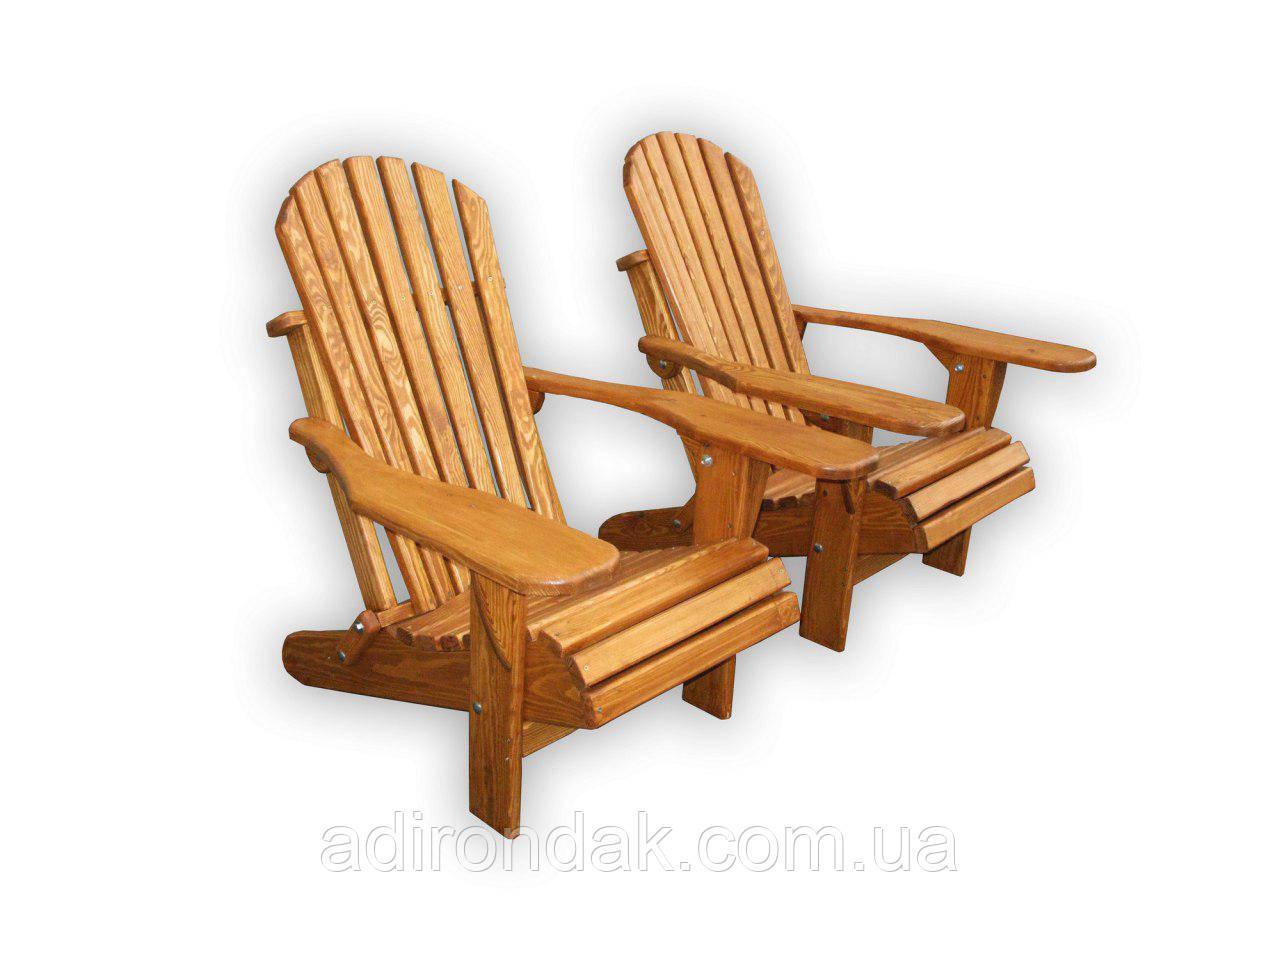 Кресло складное из дерева Адирондак